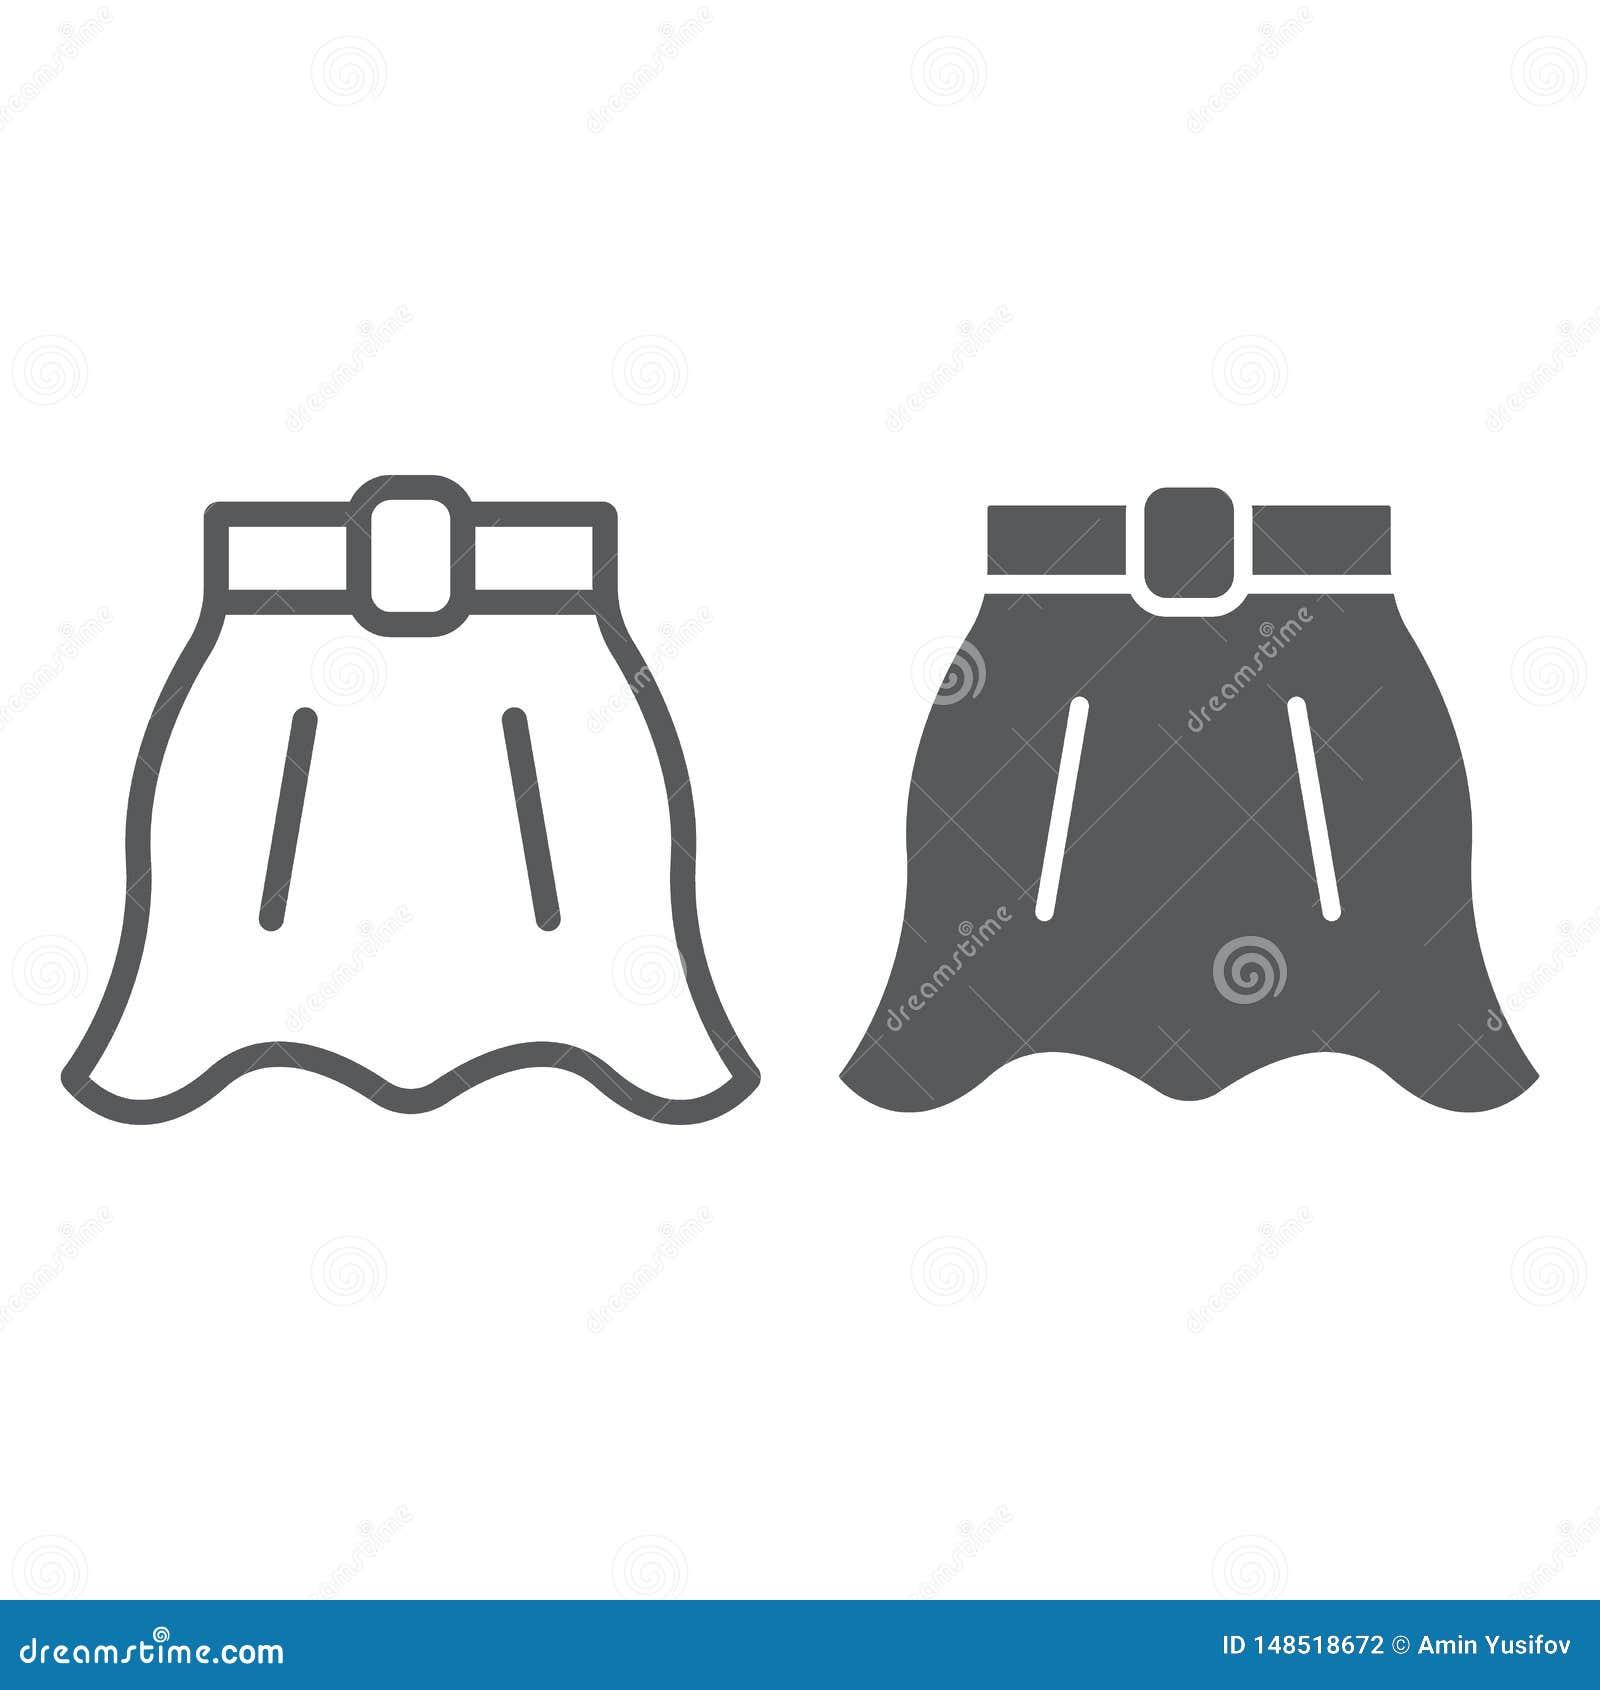 Linha da saia e ícone do glyph, roupa e fêmea, sinal alargado da saia, gráficos de vetor, um teste padrão linear em um branco